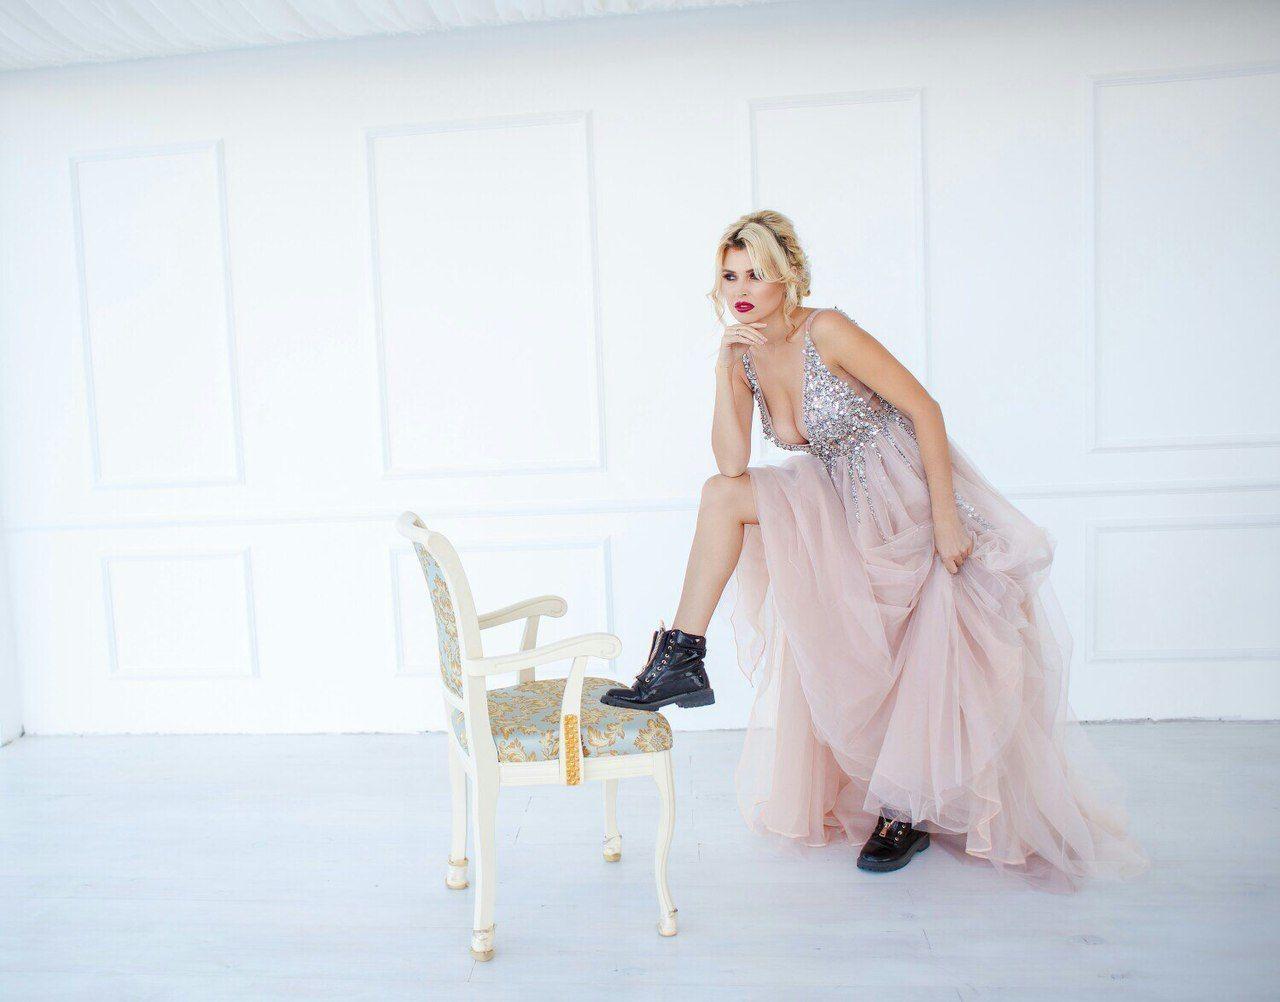 Фото красоток в шикарных платьях — photo 10